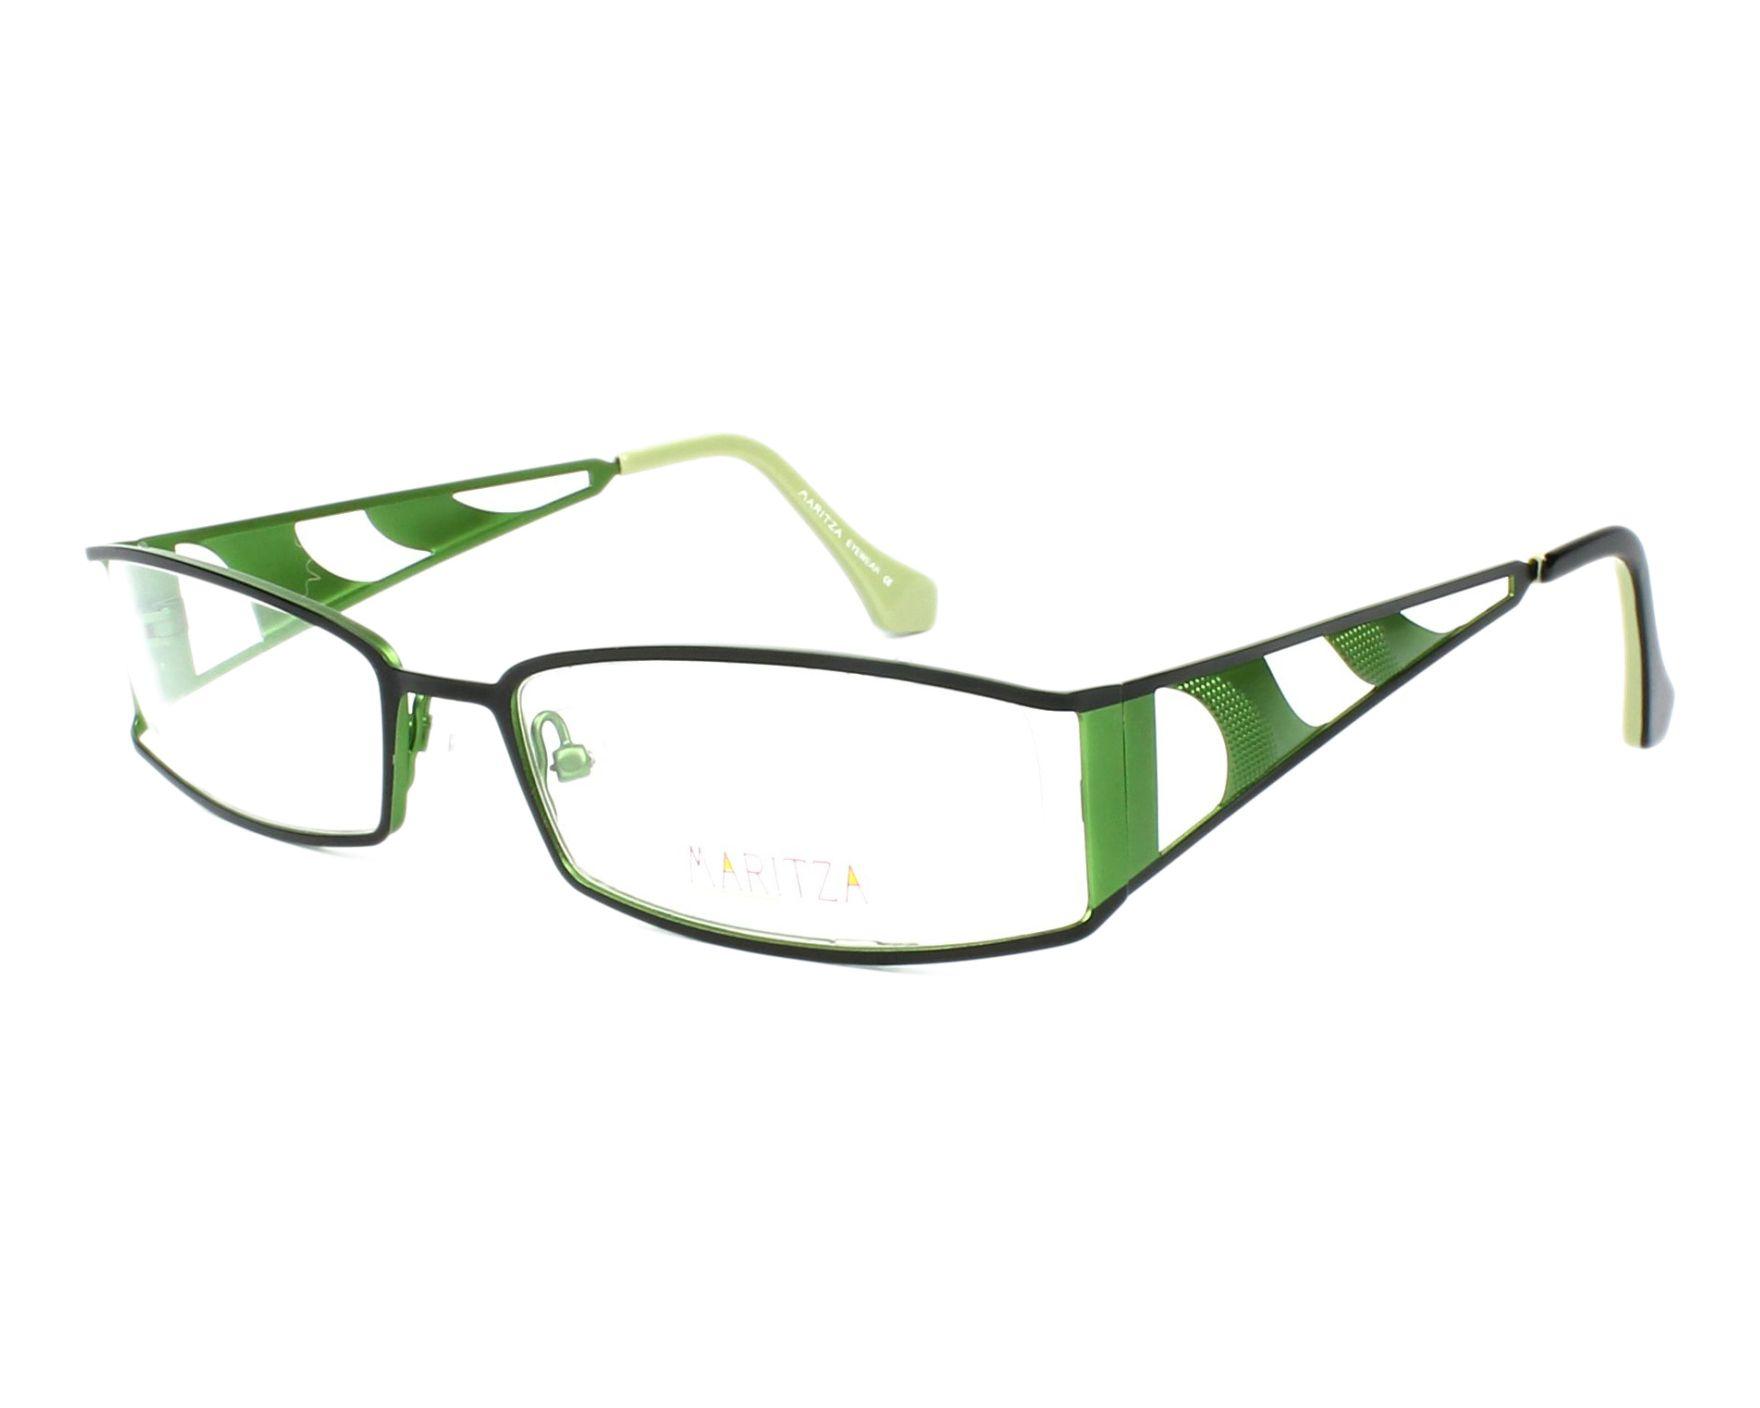 37375d8678c04 Lunettes de vue Maritza M-0097 BGR 54-16 Noir Vert vue de profil